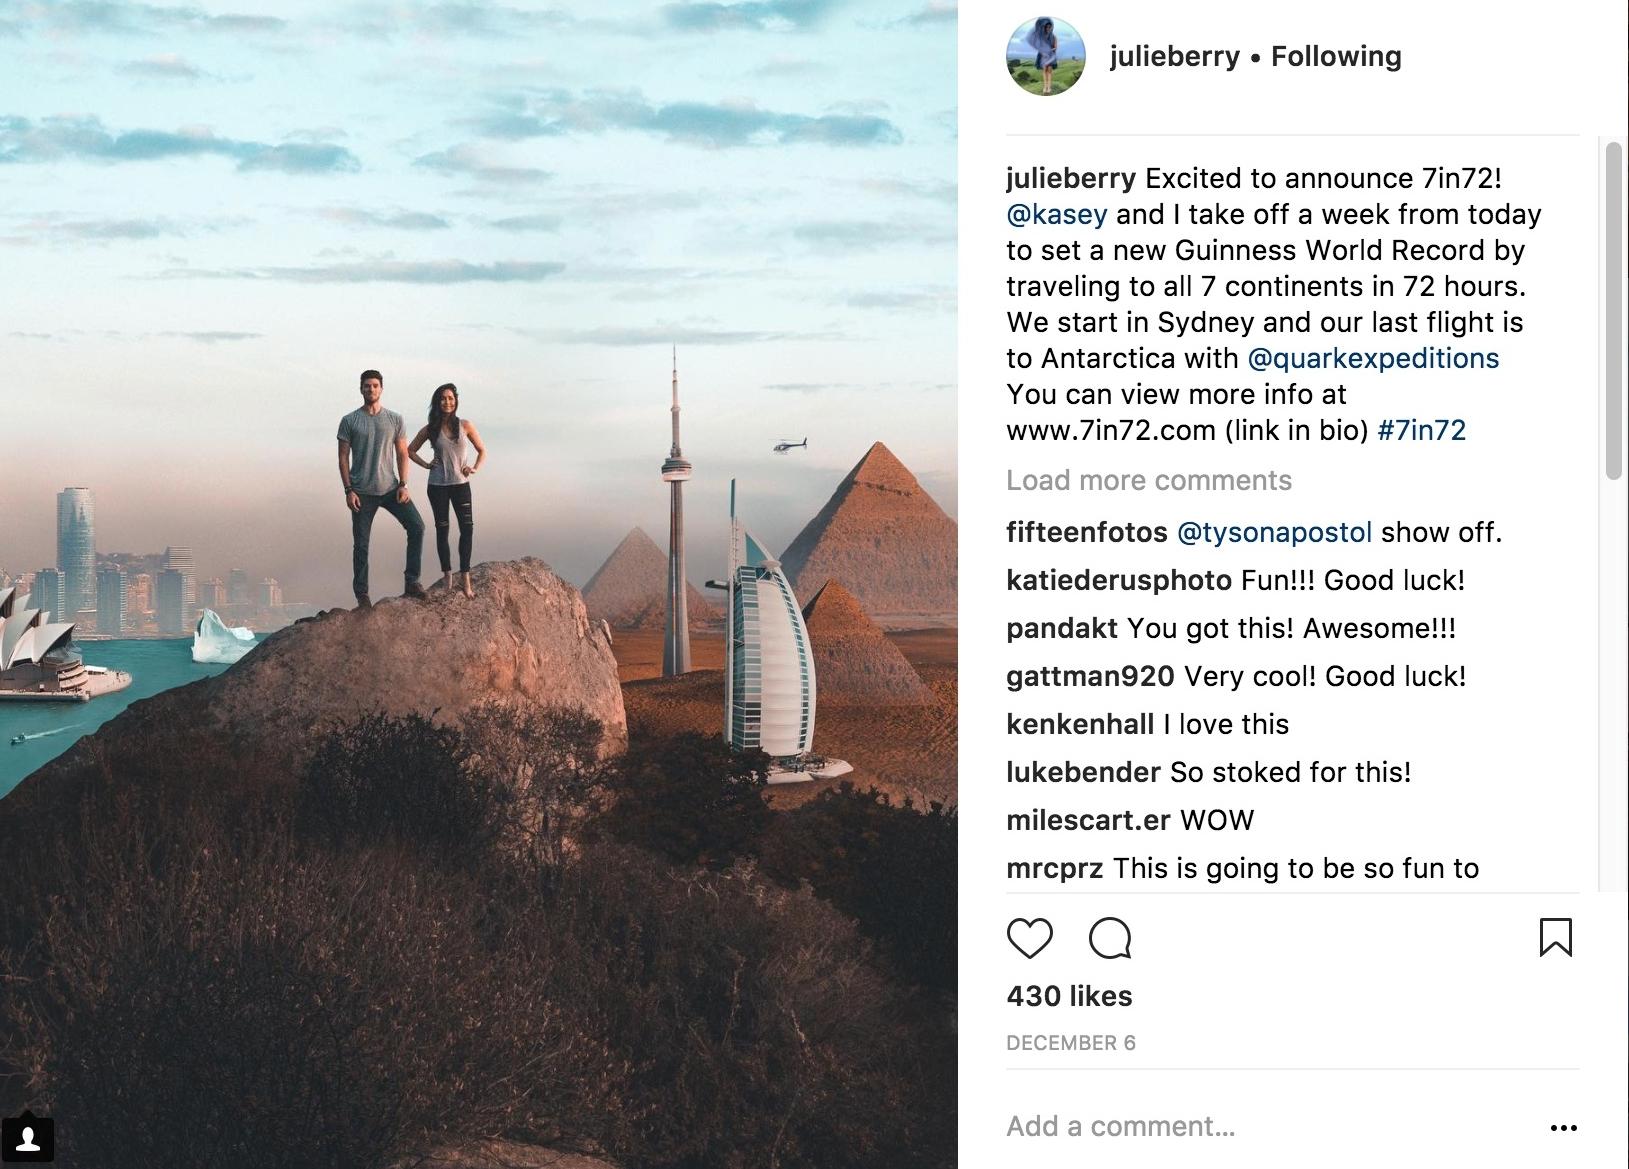 Julie_🦋_Berry___julieberry__•_Instagram_photos_and_videos.jpg